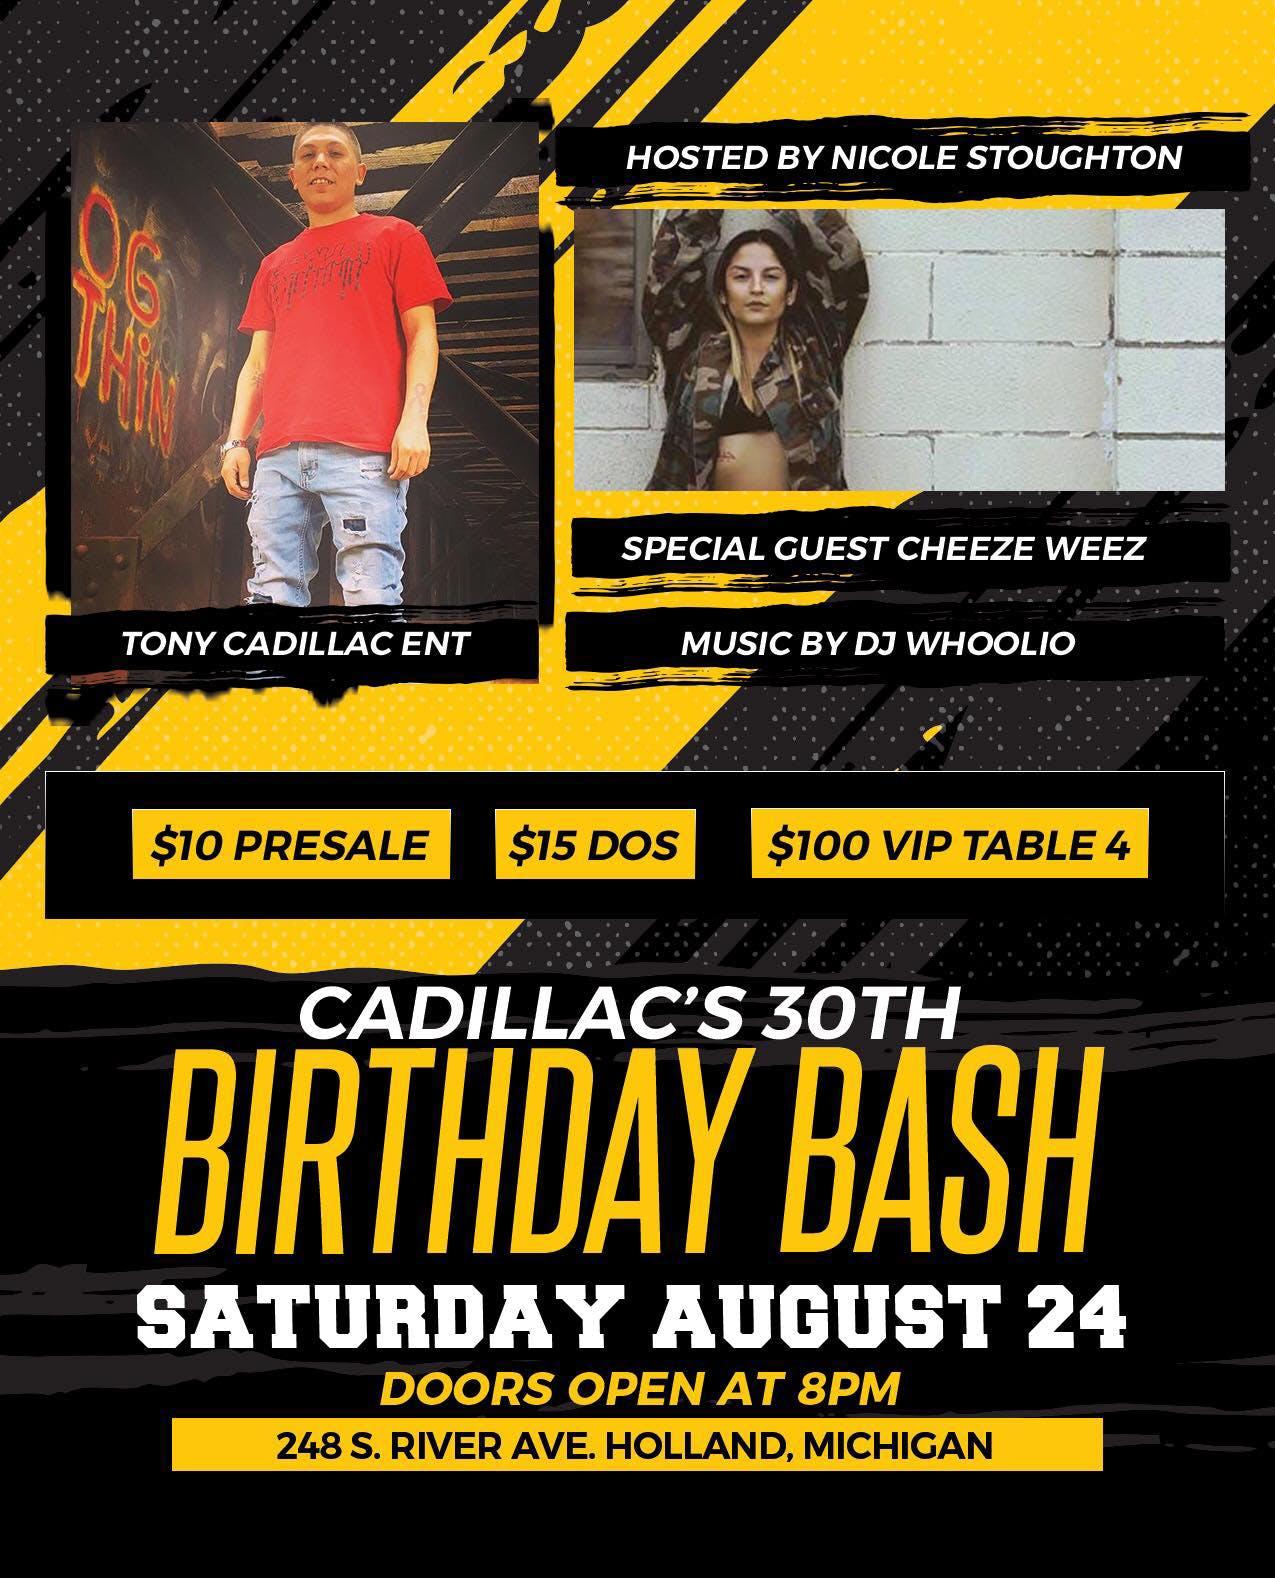 Tony Cadillac's 30th Birthday Bash